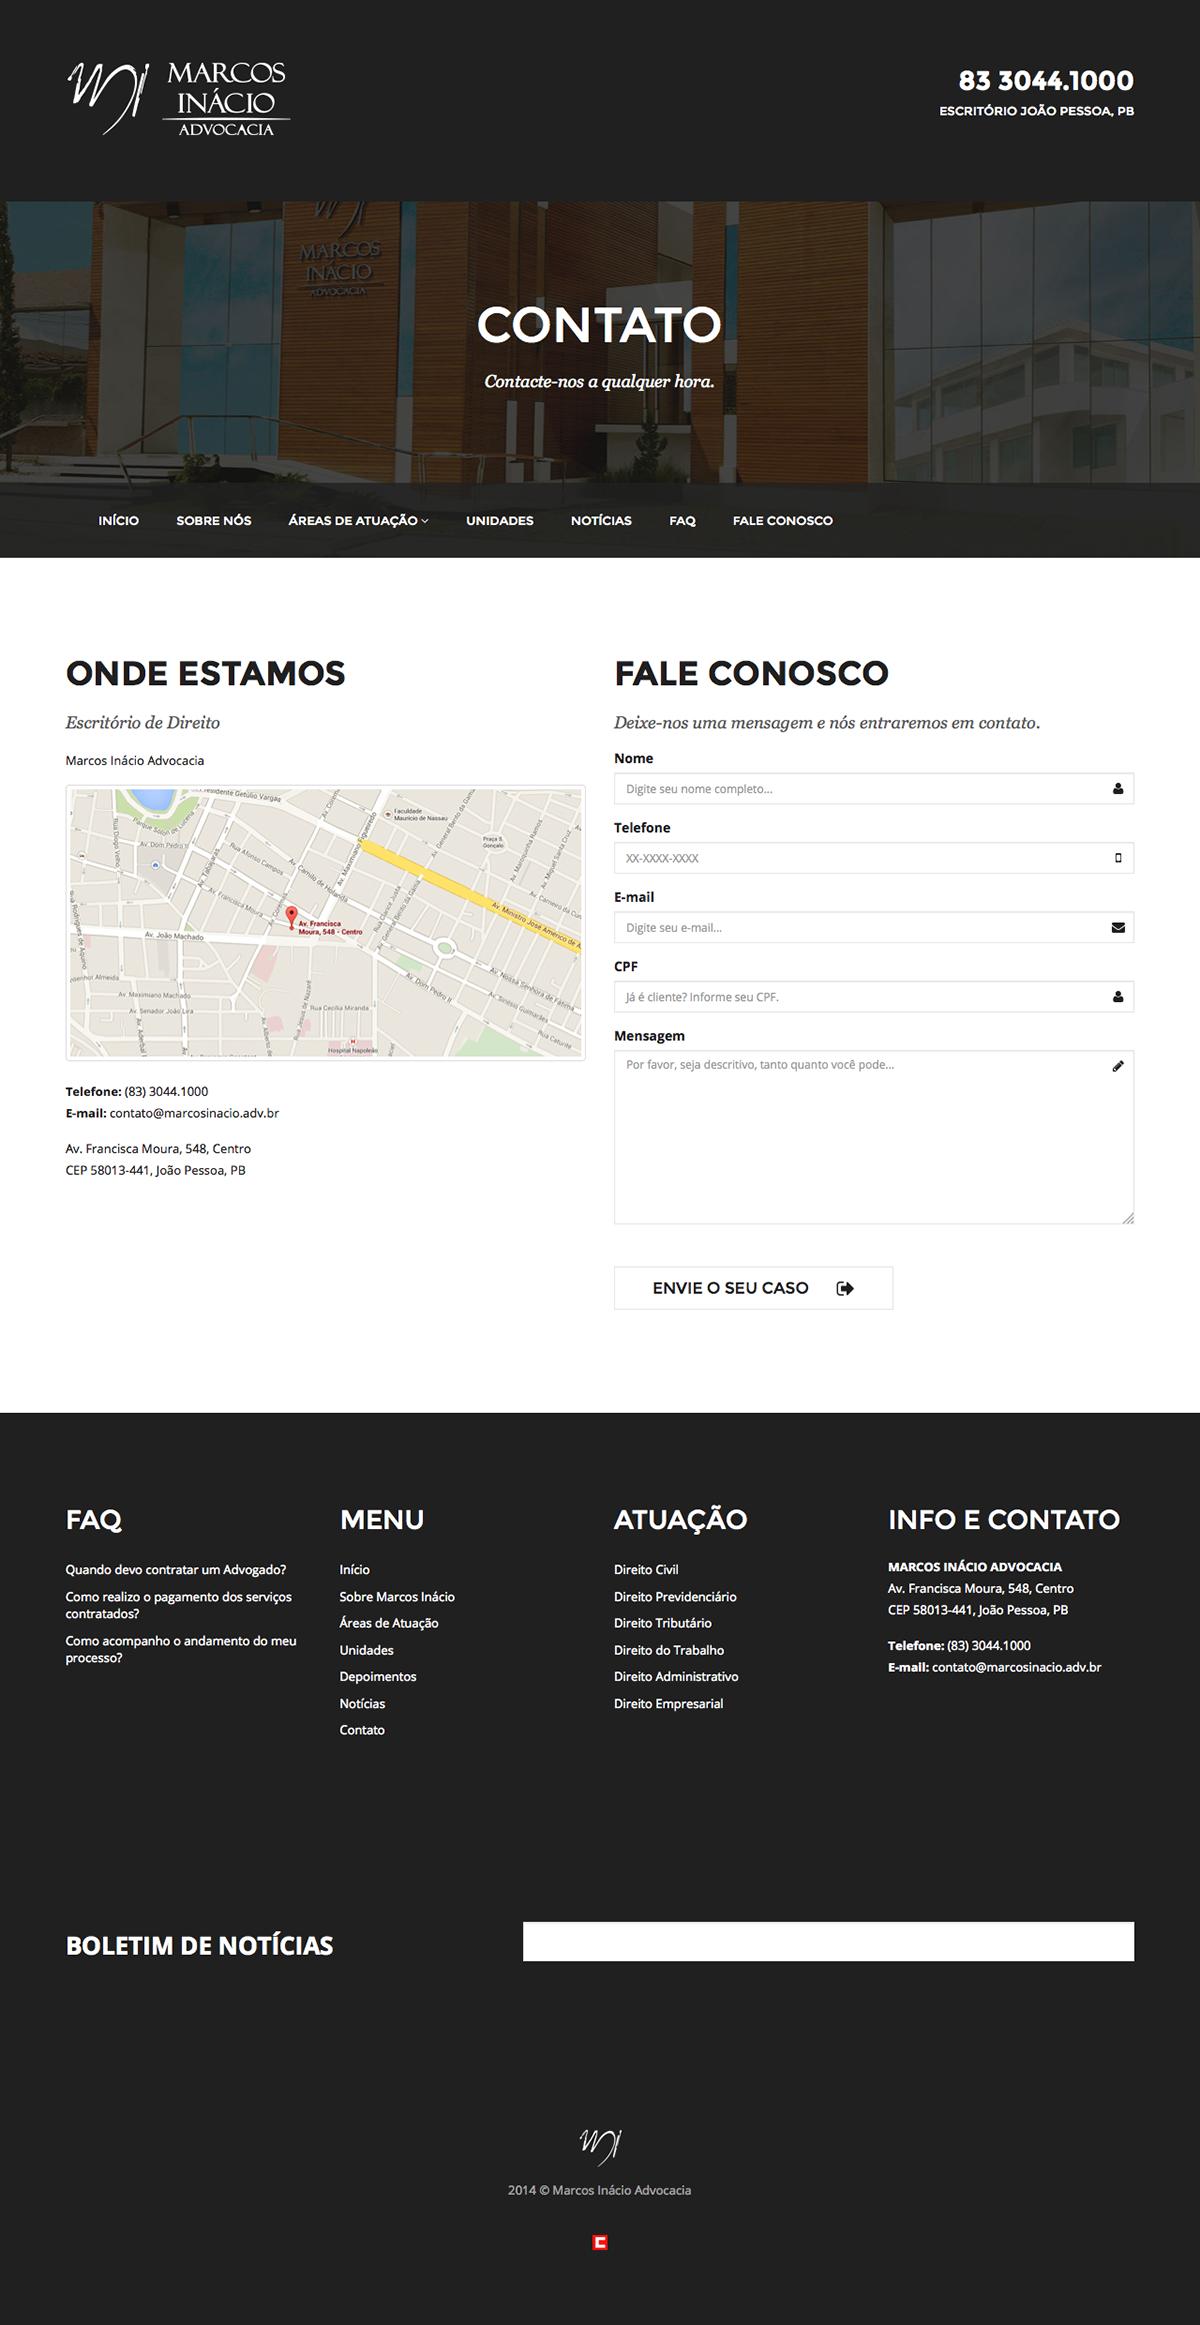 criação site site advocacia Site Advogado marcos inácio adv marcos inácio sites joao pessoa clidenorME clidenor clidenorjr